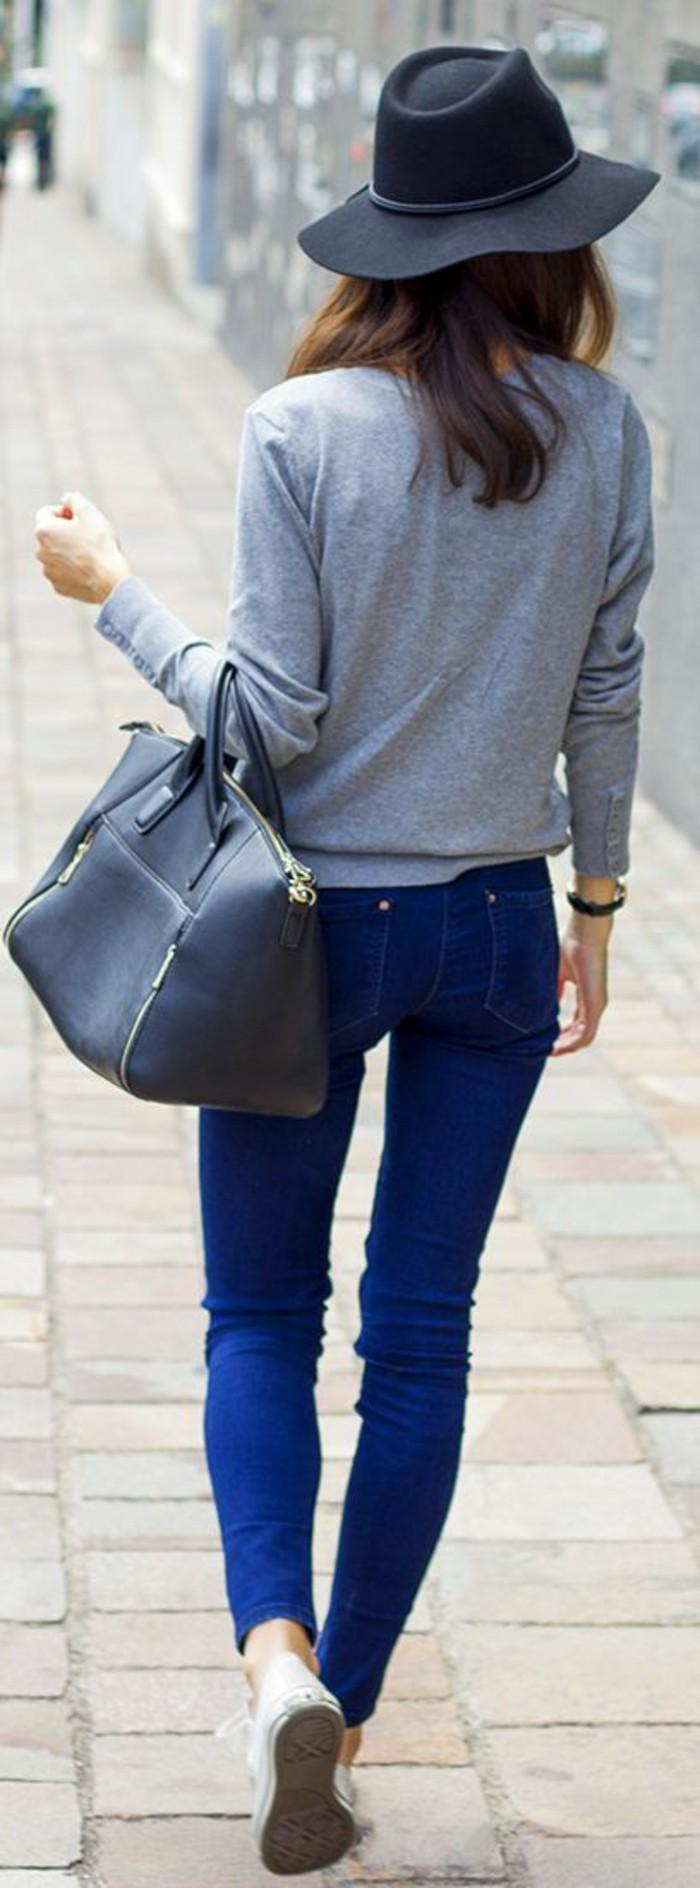 Filzhut-und-blaue-jeans-damen-mode